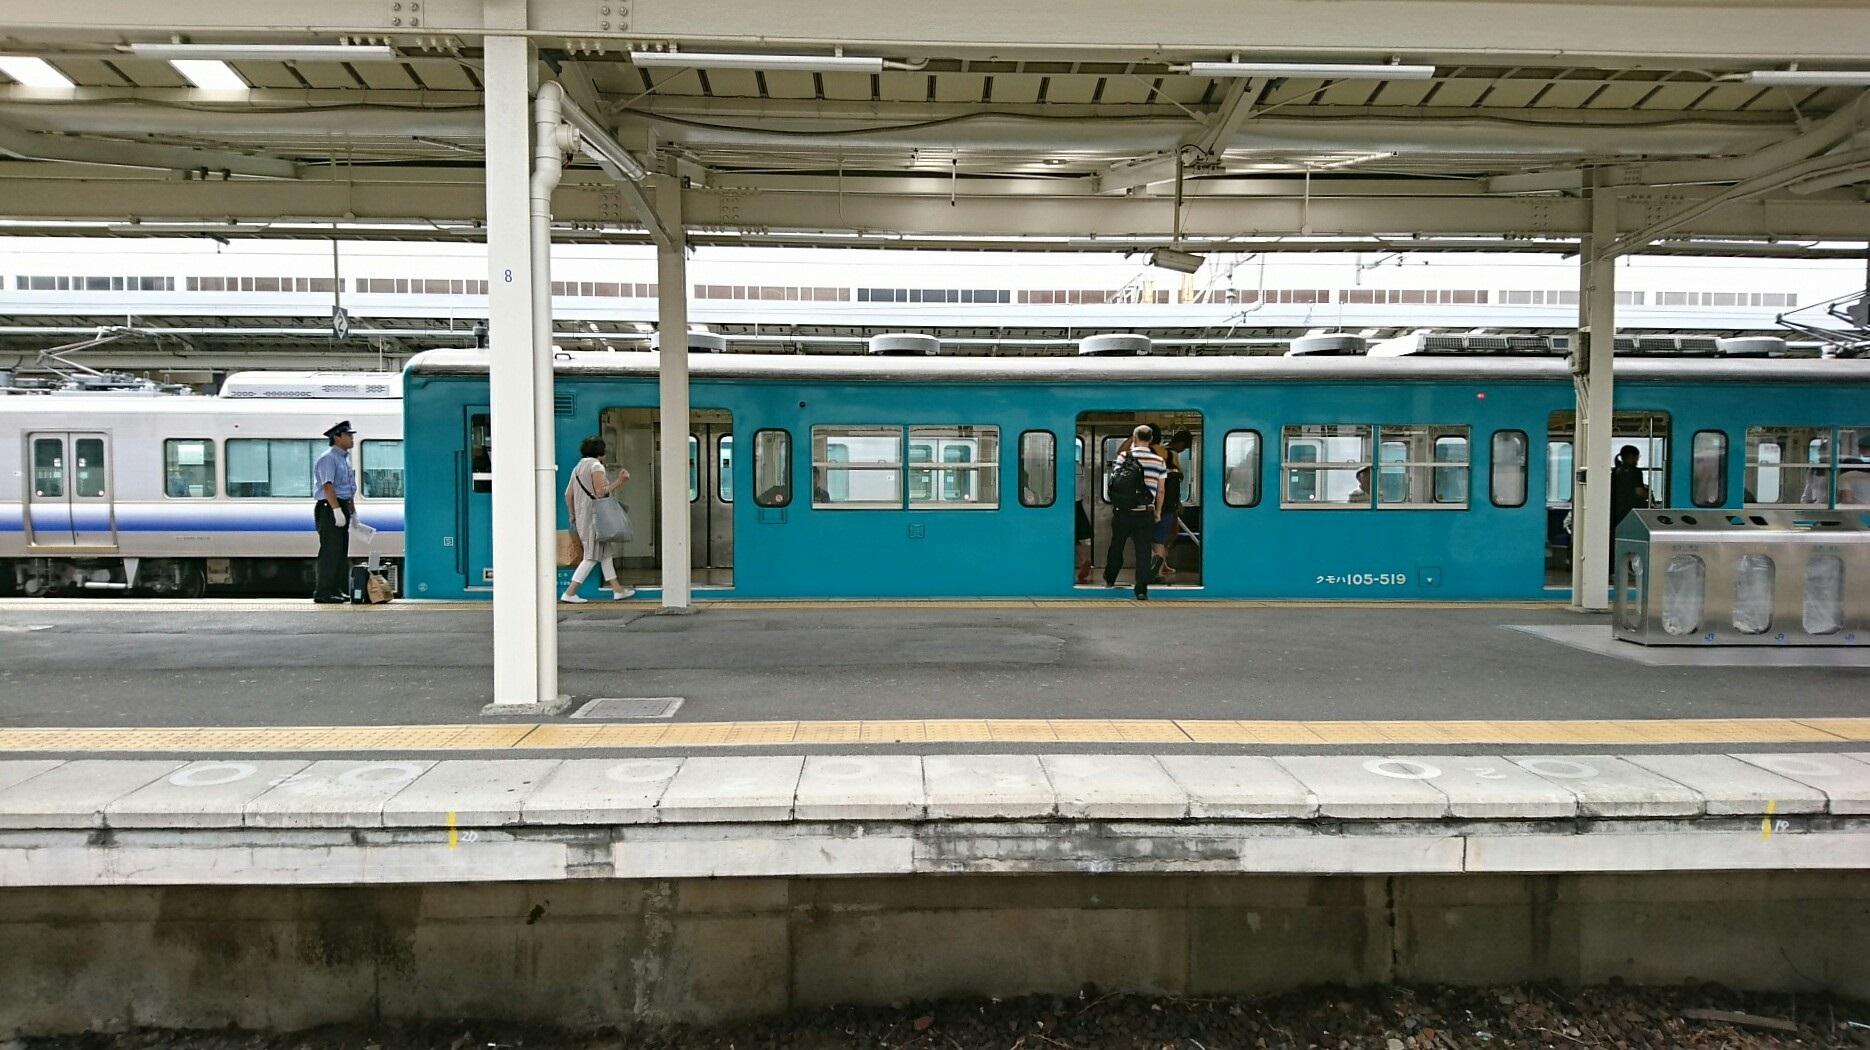 2017.8.17 たま電車 (4) 和歌山 - 奈良いきふつう 1870-1050